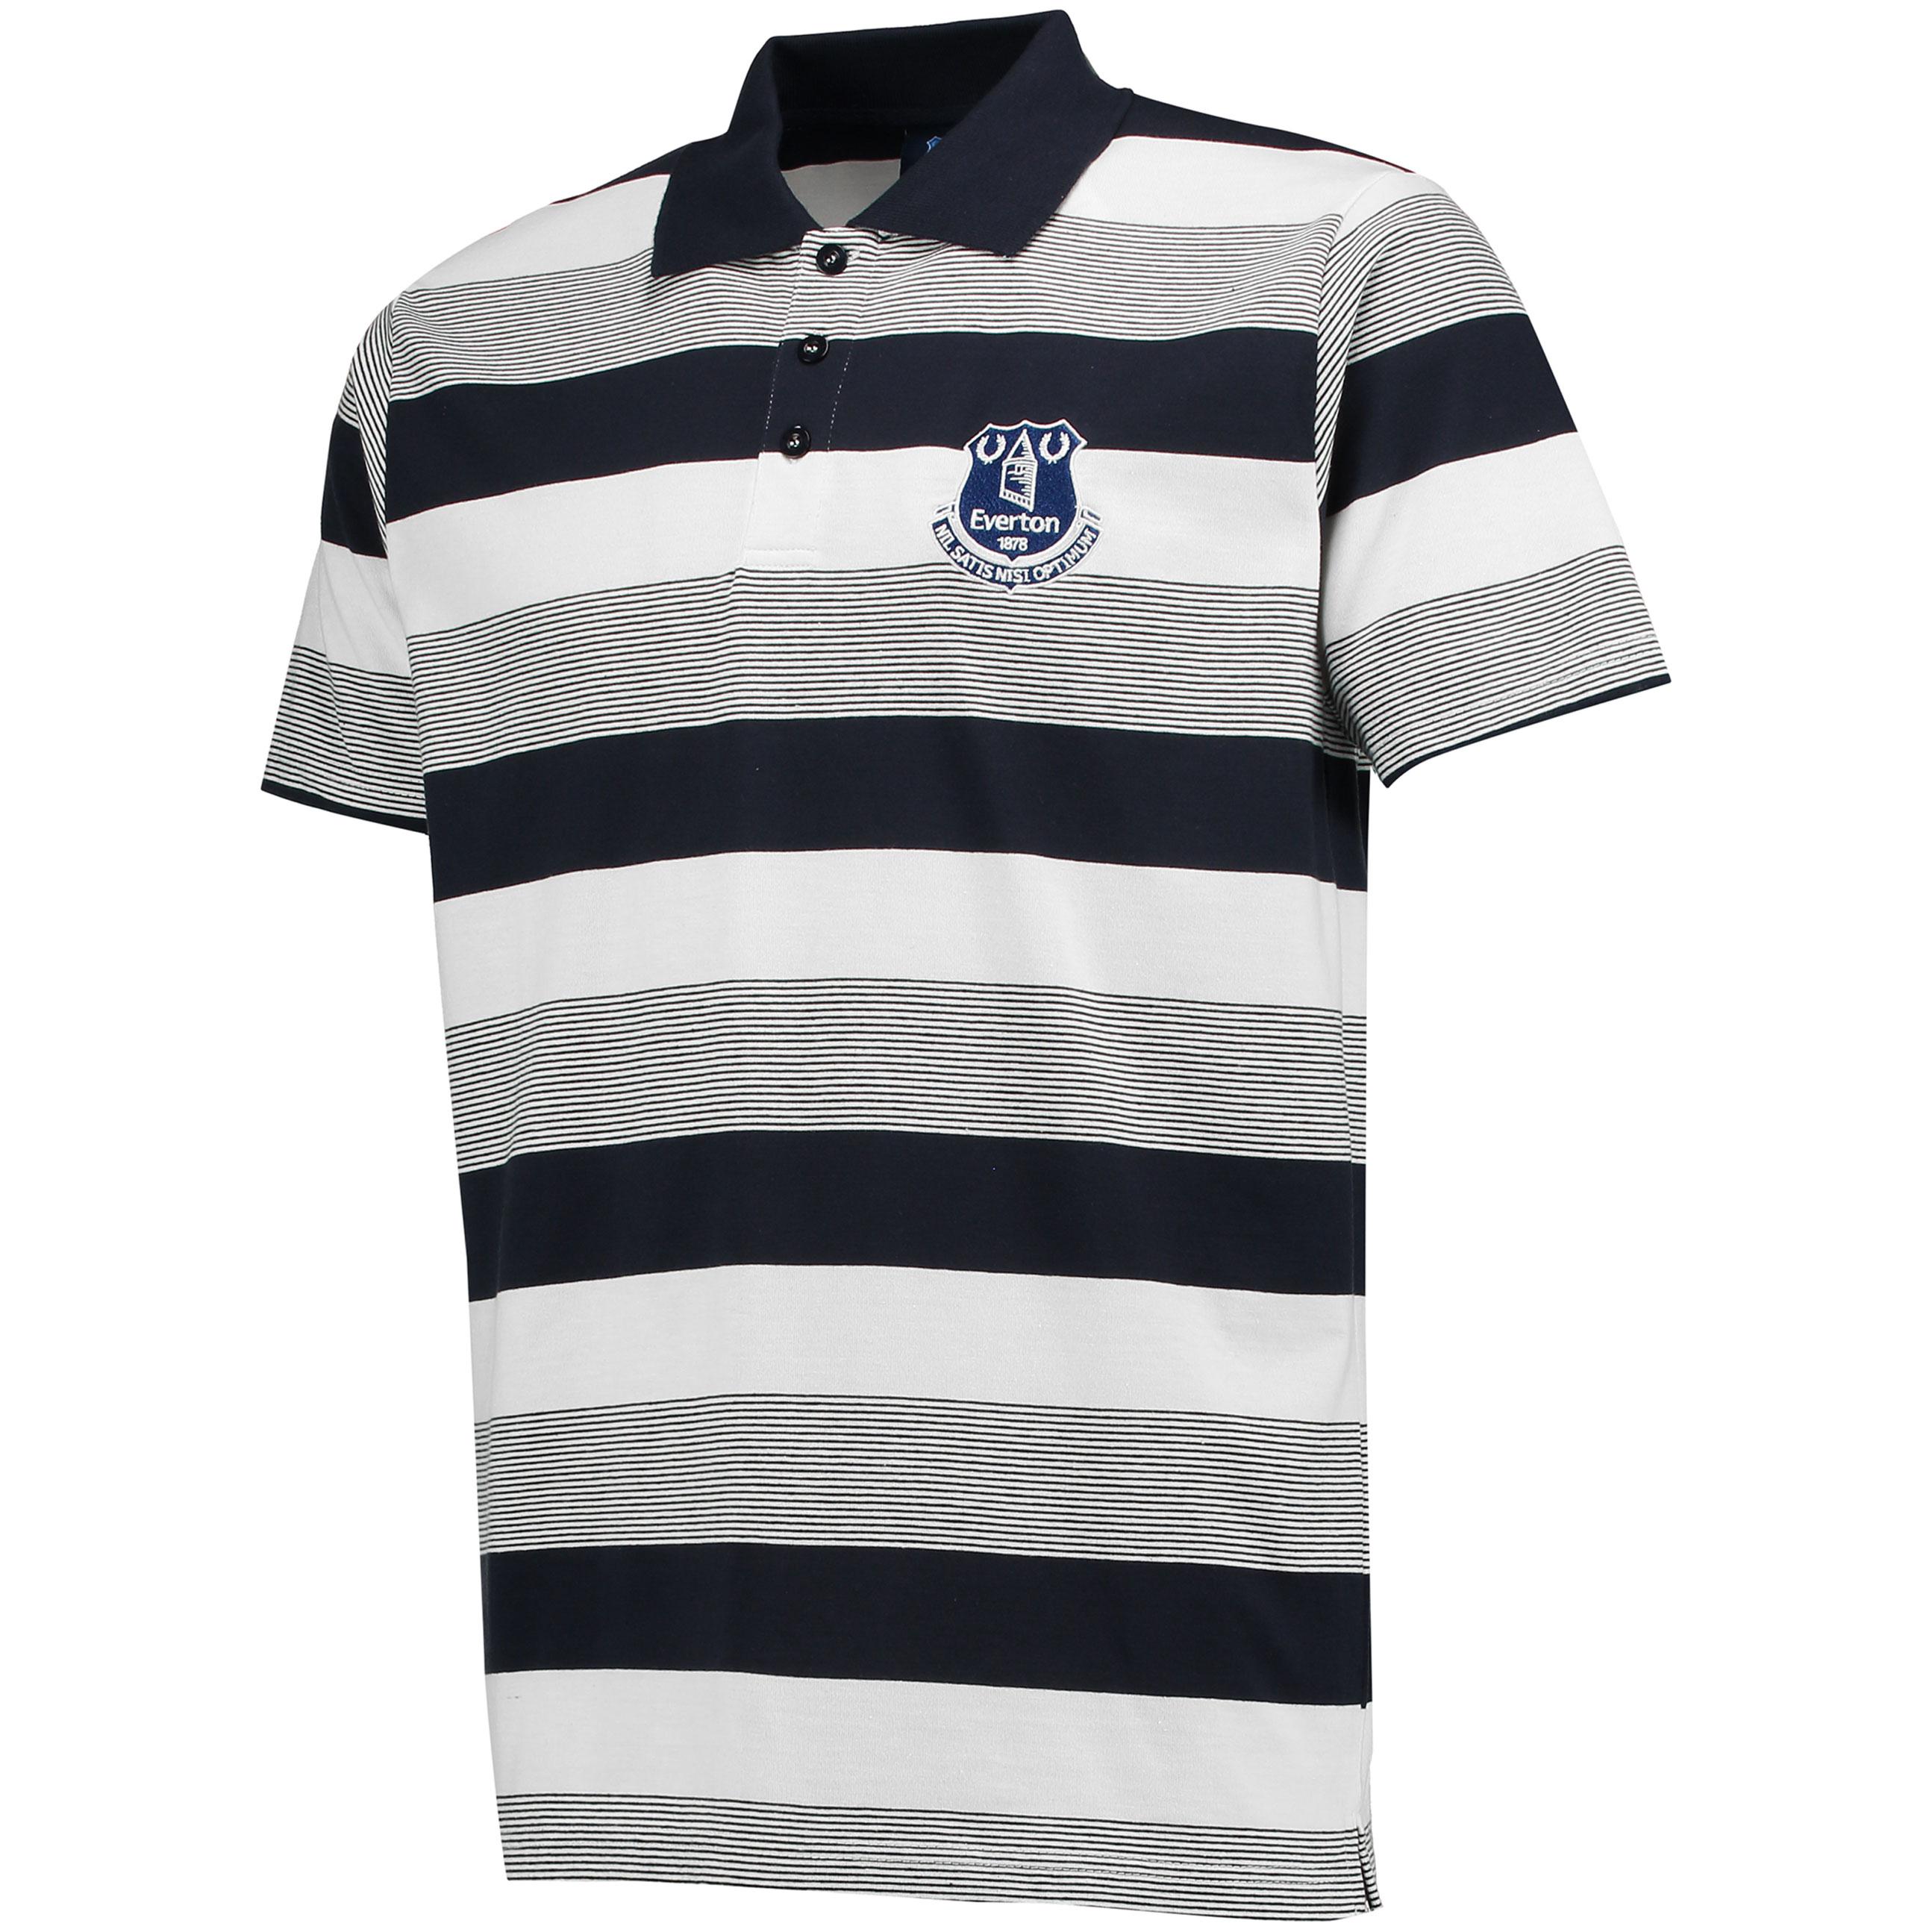 Everton Stripe Polo - Navy/White